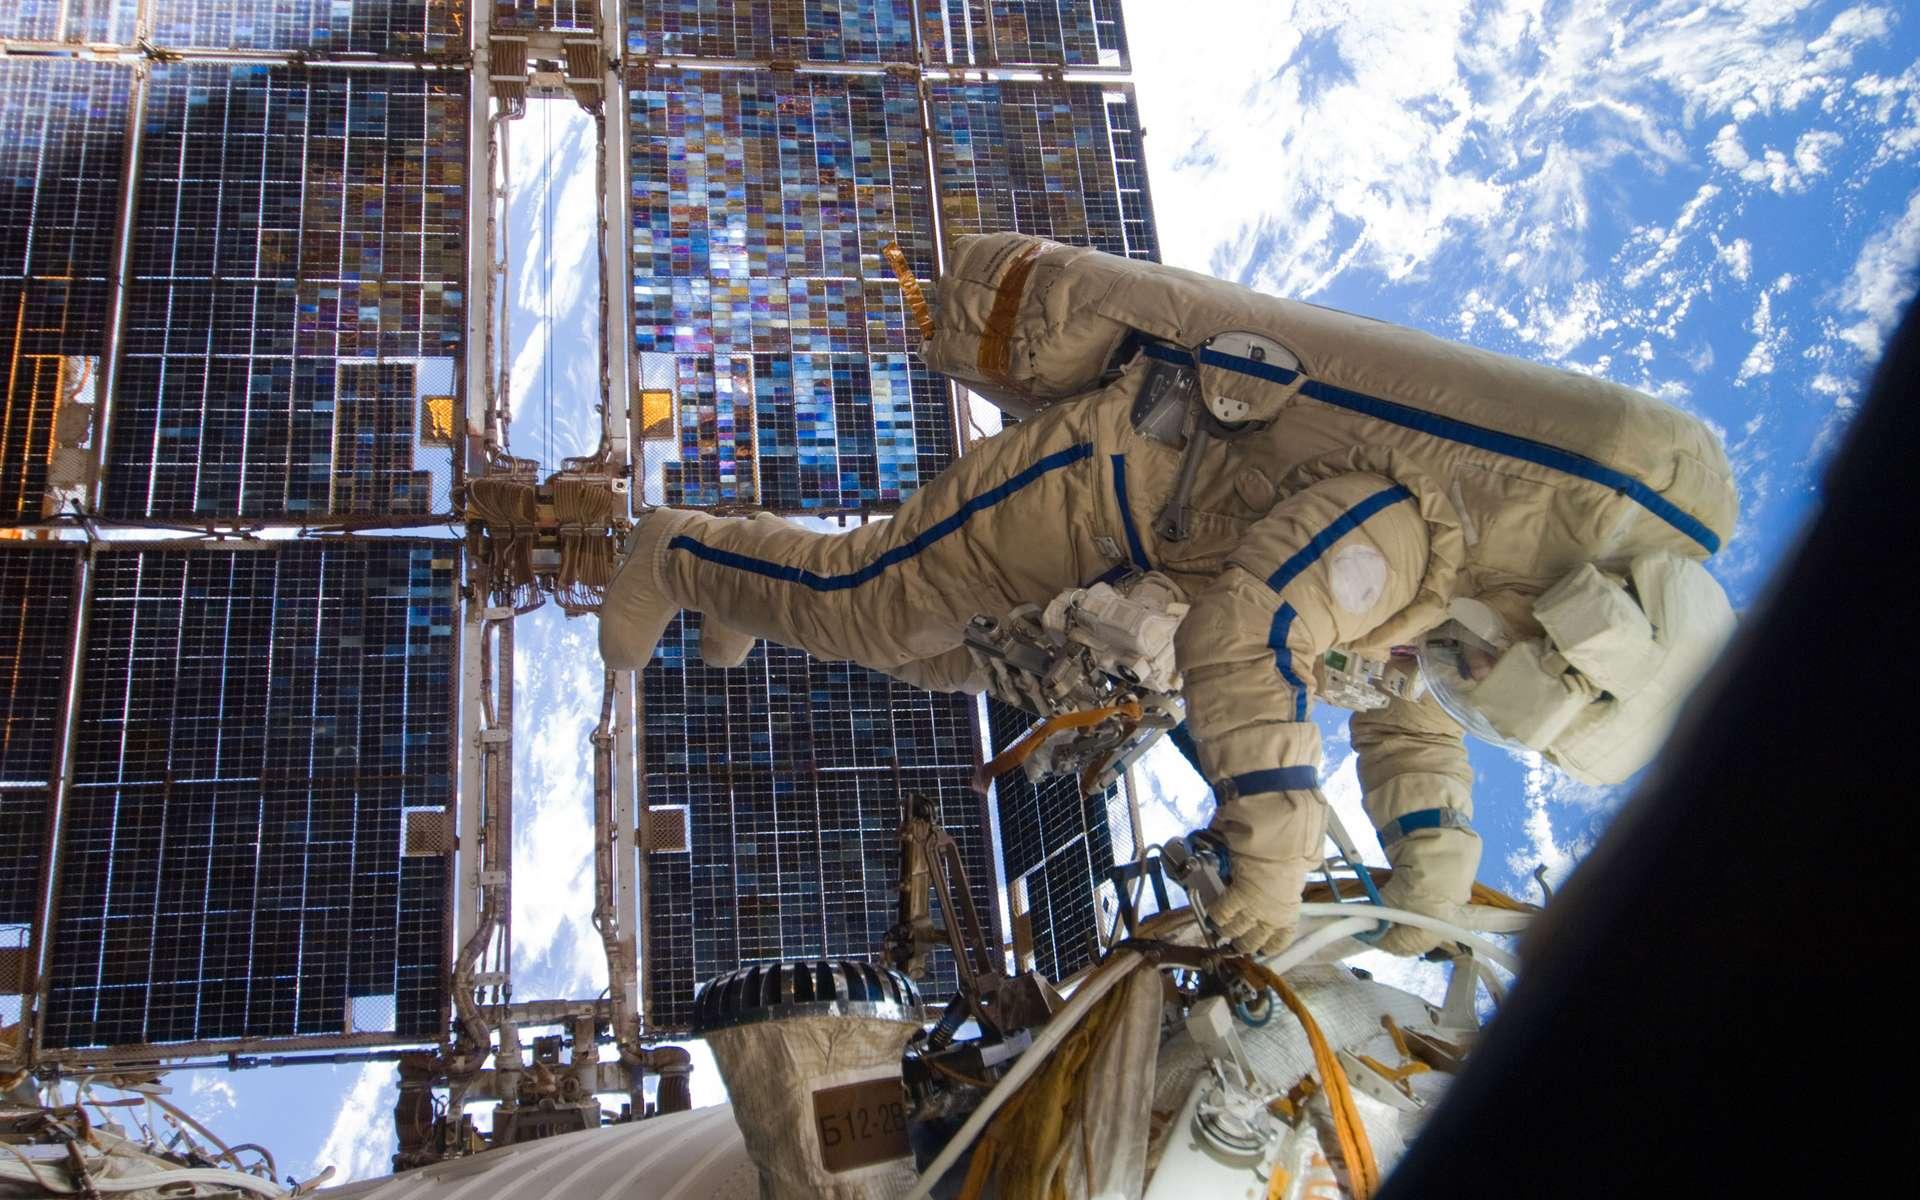 Sortie dans l'espace pour un cosmonaute russe de la Station spatiale au cours de laquelle sera lâché dans l'espace un microsatellite radio pour le compte de l'organisation Ariss. © Nasa